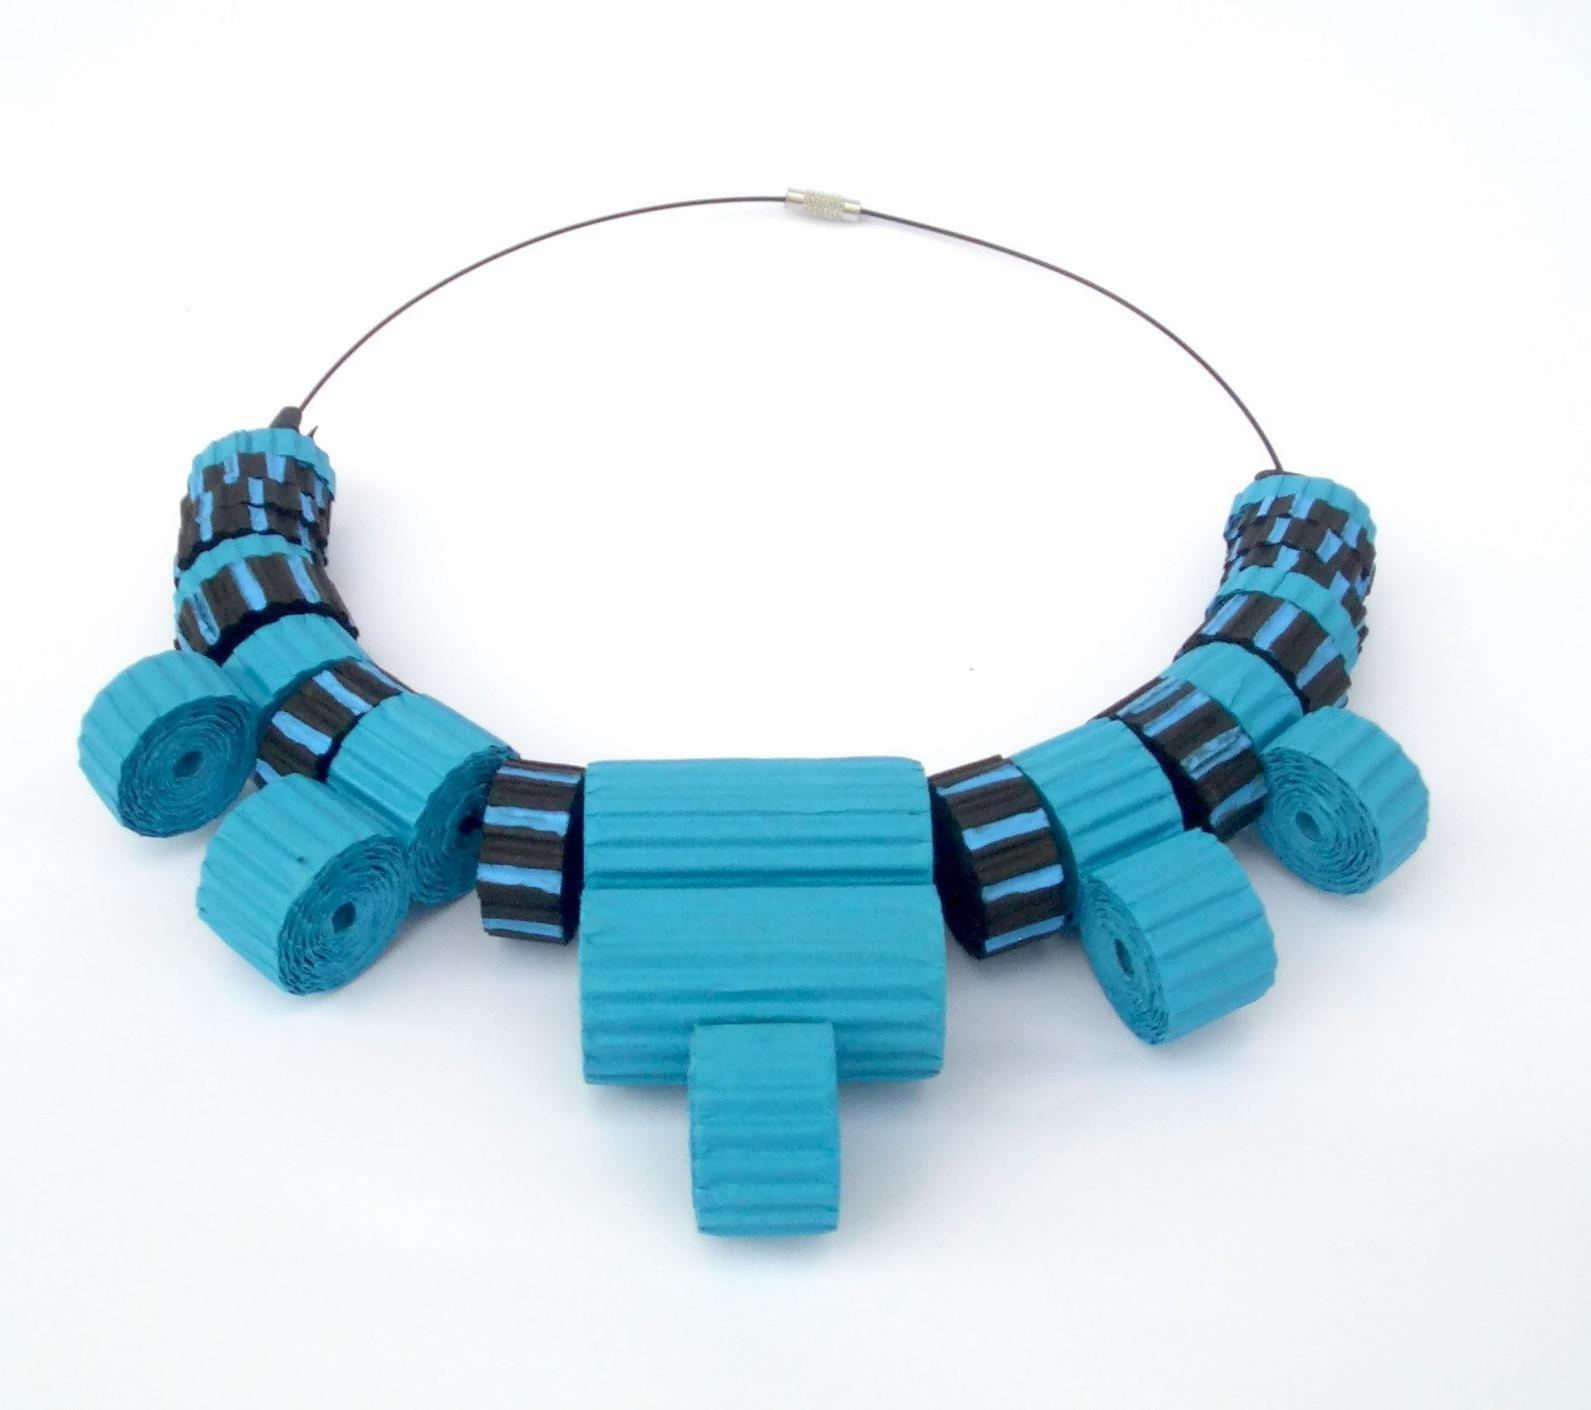 CIMG0208_-collane-artistiche-materiali-riciclati-egeo